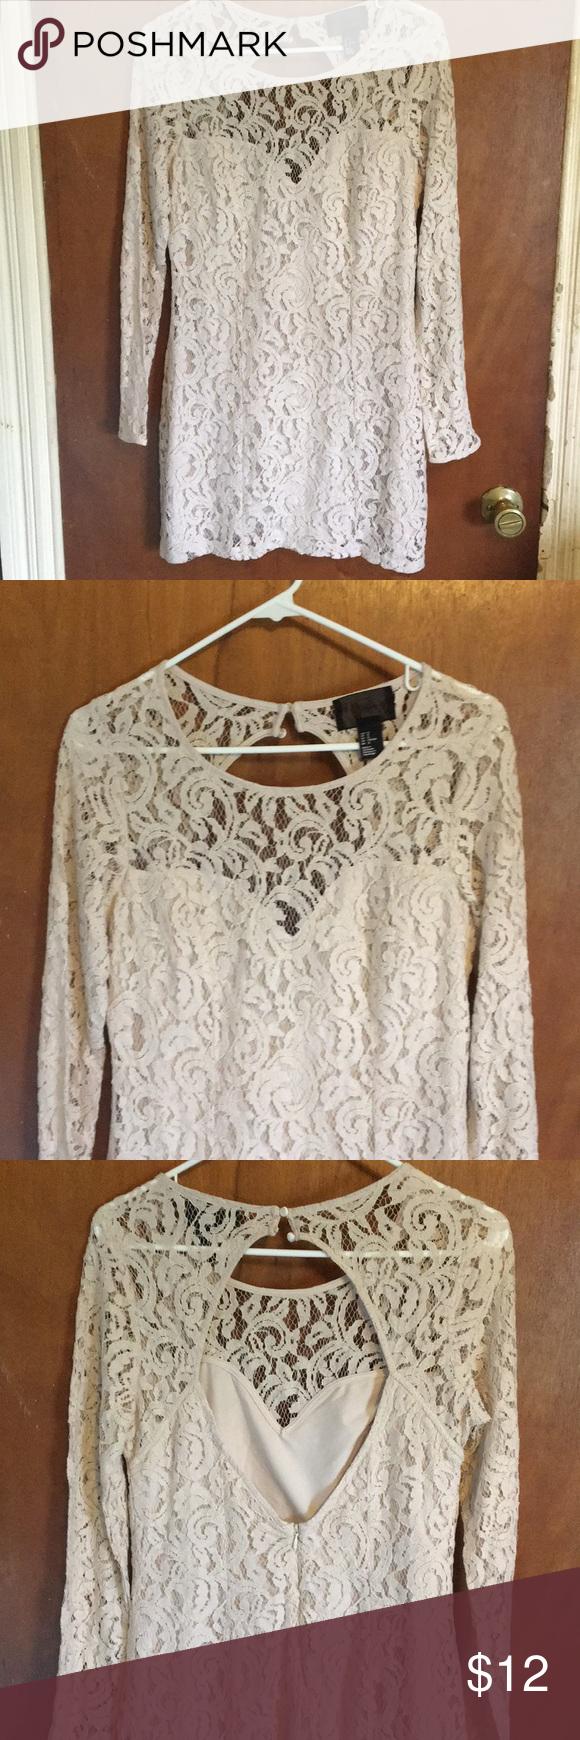 H&m lace dress white  HuM dress  My Posh Picks  Pinterest  Lace dress and Conditioning